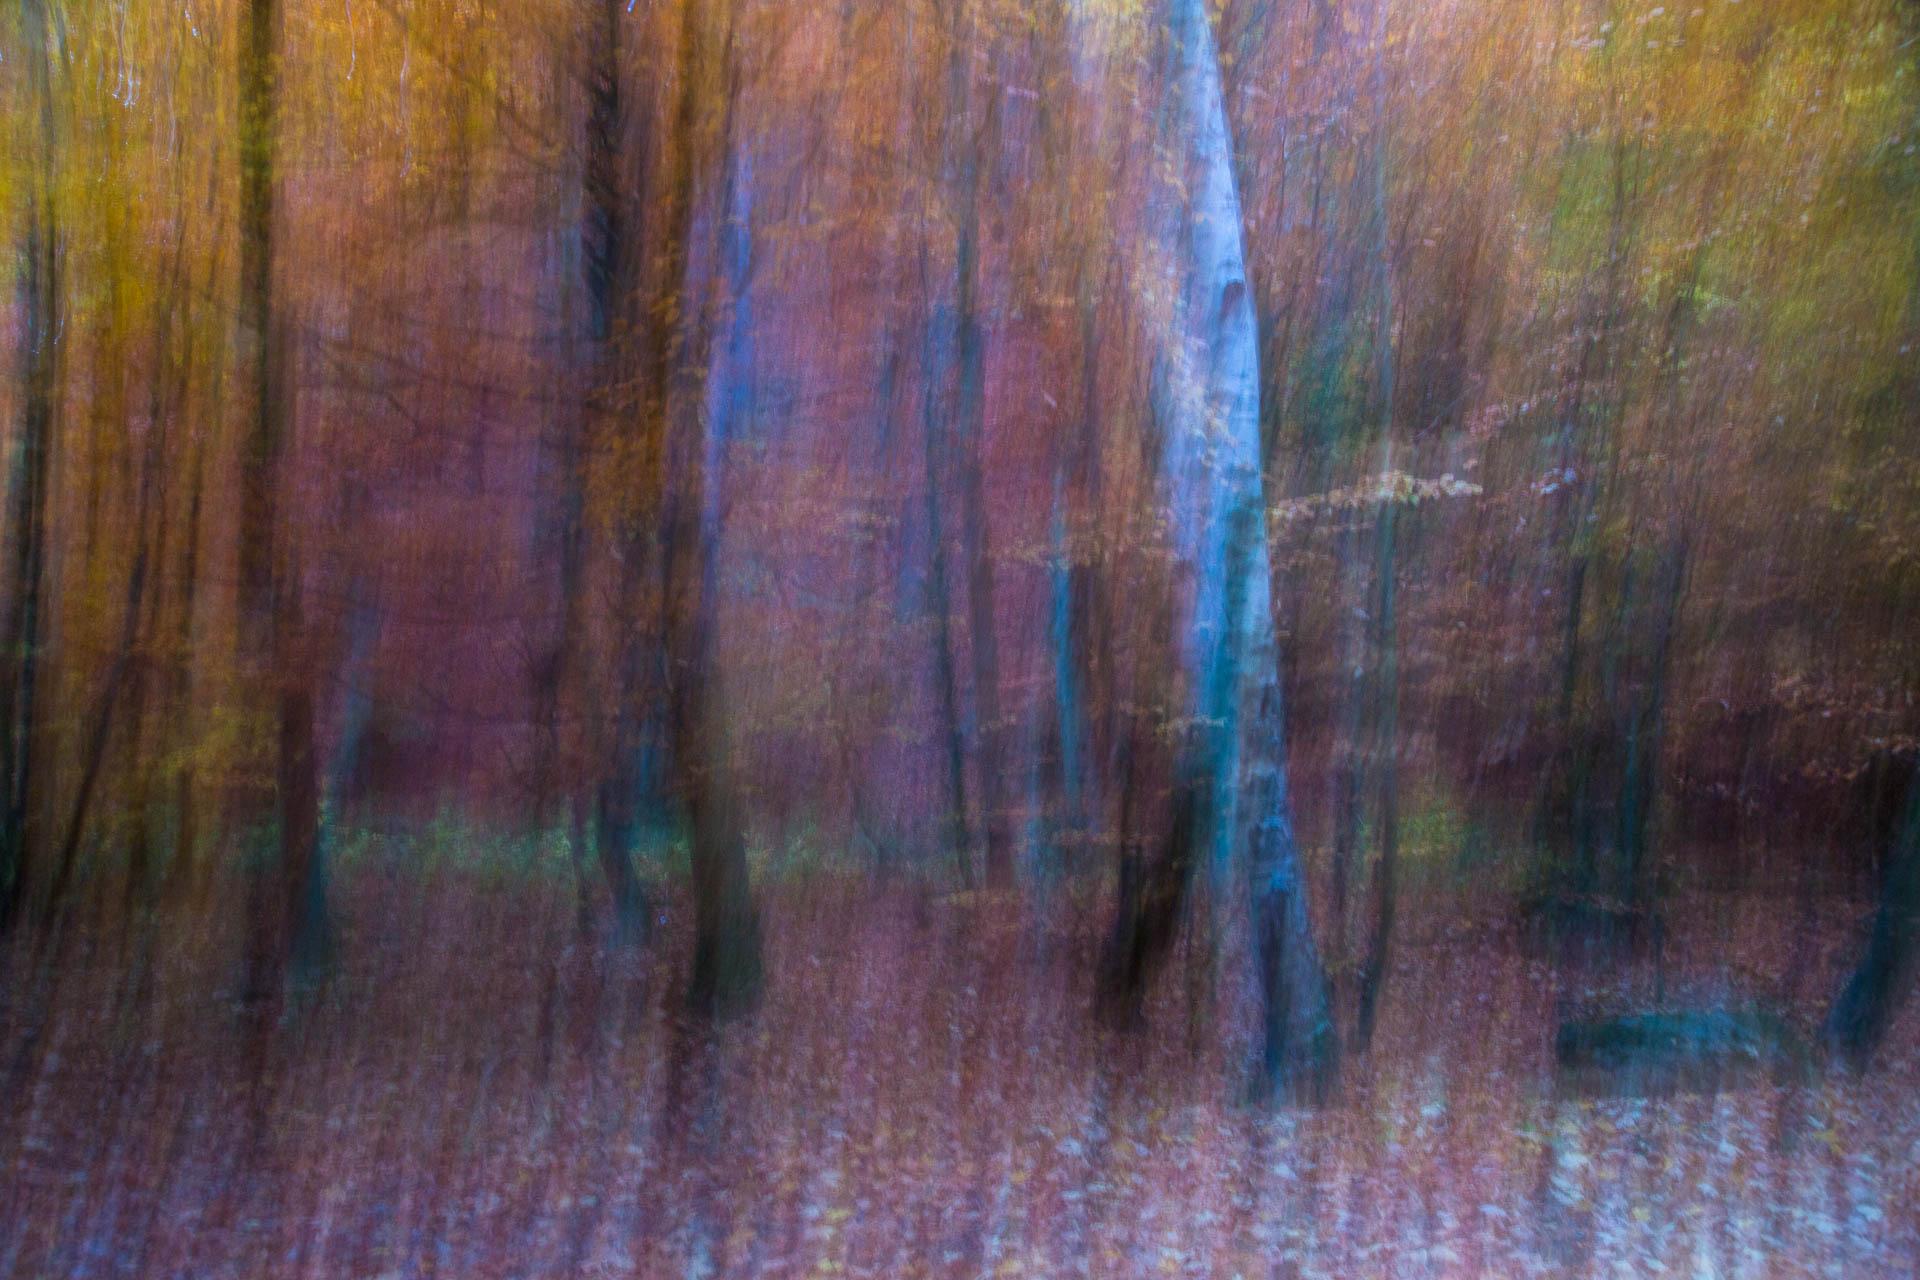 Birke und andere Bäume